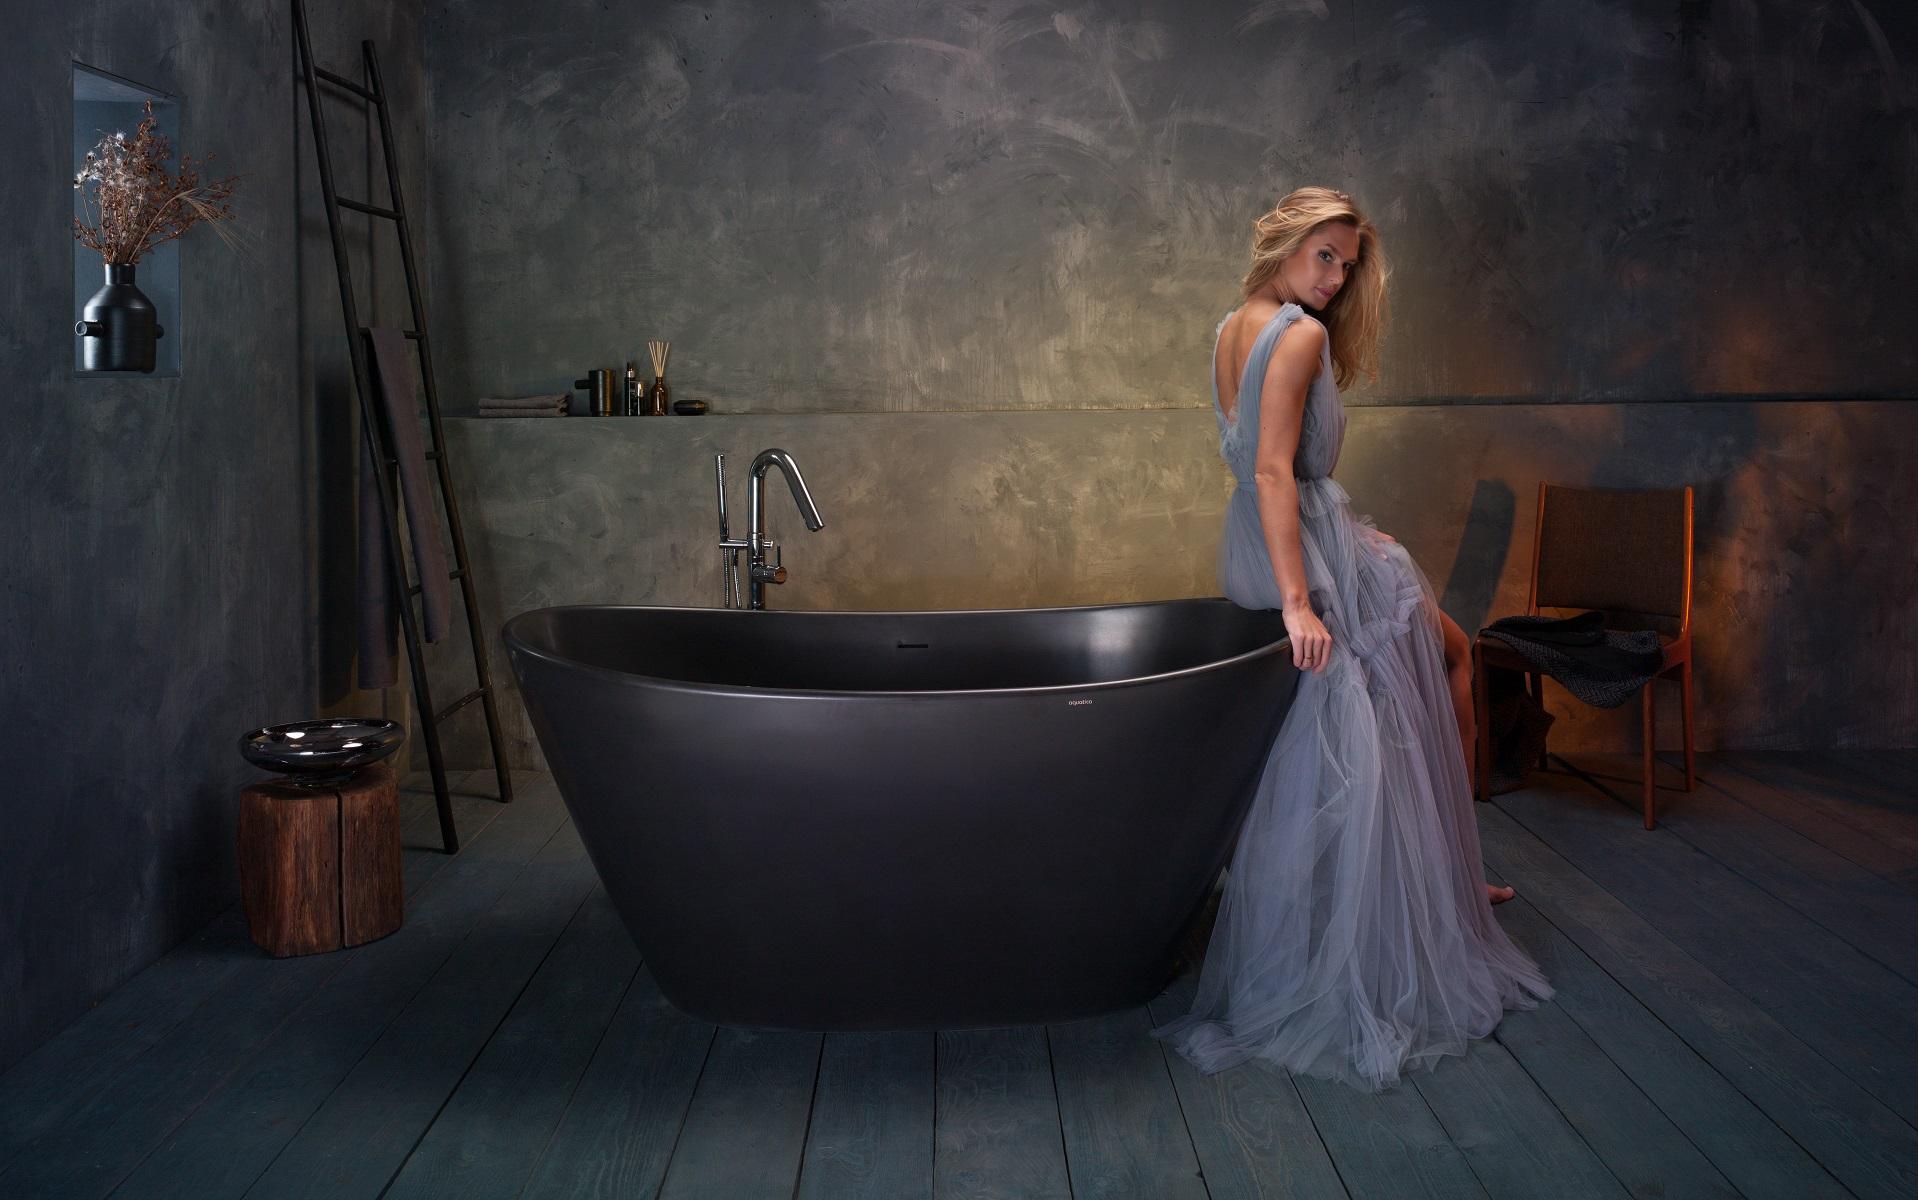 purescape 748 bm par aquatica baignoire autoportante en pierre en noir. Black Bedroom Furniture Sets. Home Design Ideas